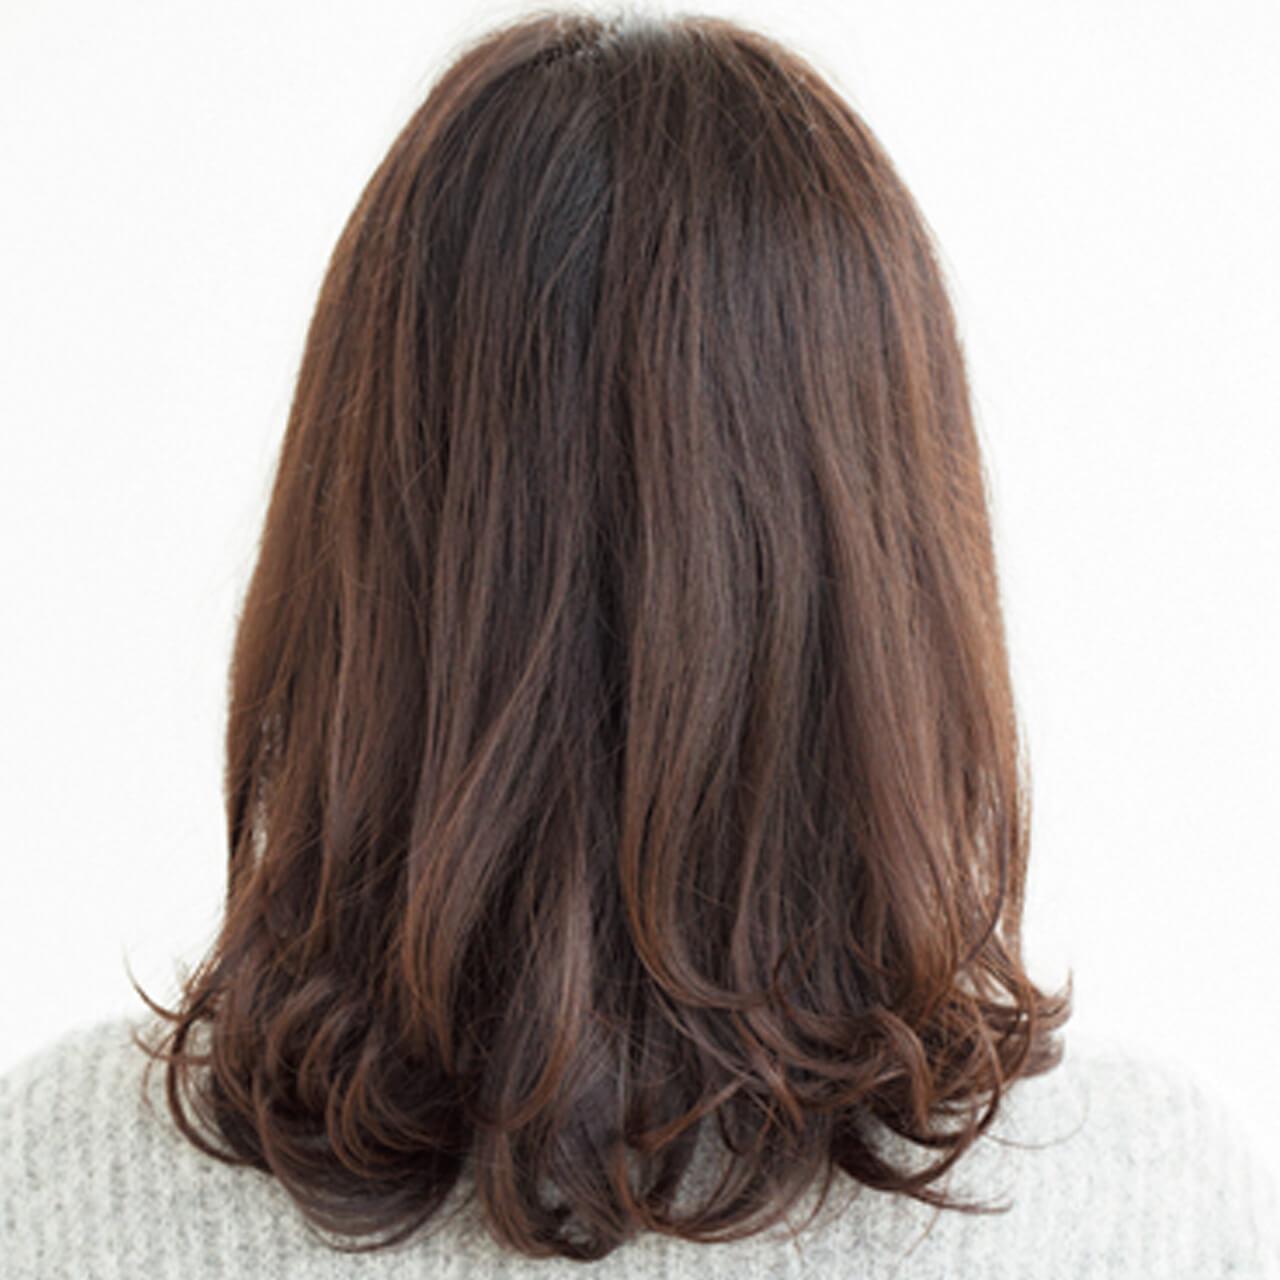 毛先の厚みでボリューミーなツヤ髪を実現【40代のミディアムヘア】_1_3